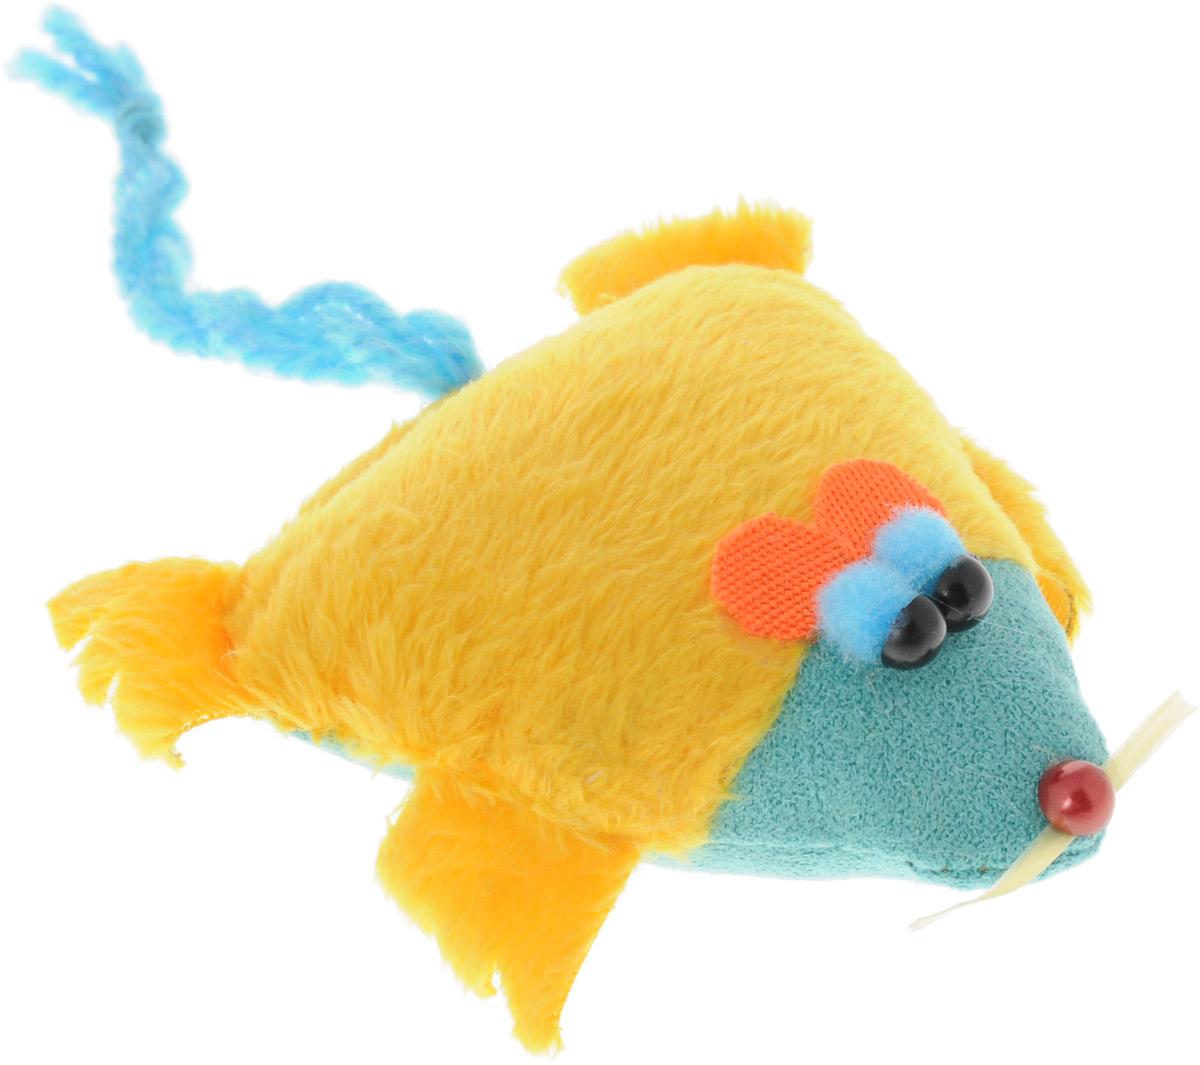 Игрушка для кошек GLG Мышка-норушка, цвет: желтый, голубойGLG039_желтыйИгрушка для кошек GLG Мышка-норушка, выполненная из текстиля с наполнителем из синтепона, не позволит заскучать вашему пушистому питомцу. Играя с этой забавной игрушкой, маленькие котята развиваются физически, а взрослые кошки и коты поддерживают свой мышечный тонус. Игрушка оснащена черными глазками-бусинками и длинным хвостом.Такая игрушка порадует вашего любимца, а вам доставит массу приятных эмоций, ведь наблюдать за игрой всегда интересно и приятно. Размер игрушки (с учетом хвоста): 8,5 х 2,5 х 16 см.Уважаемые клиенты!Обращаем ваше внимание на возможные изменения в цвете деталей товара. Поставка осуществляется в зависимости от наличия на складе.